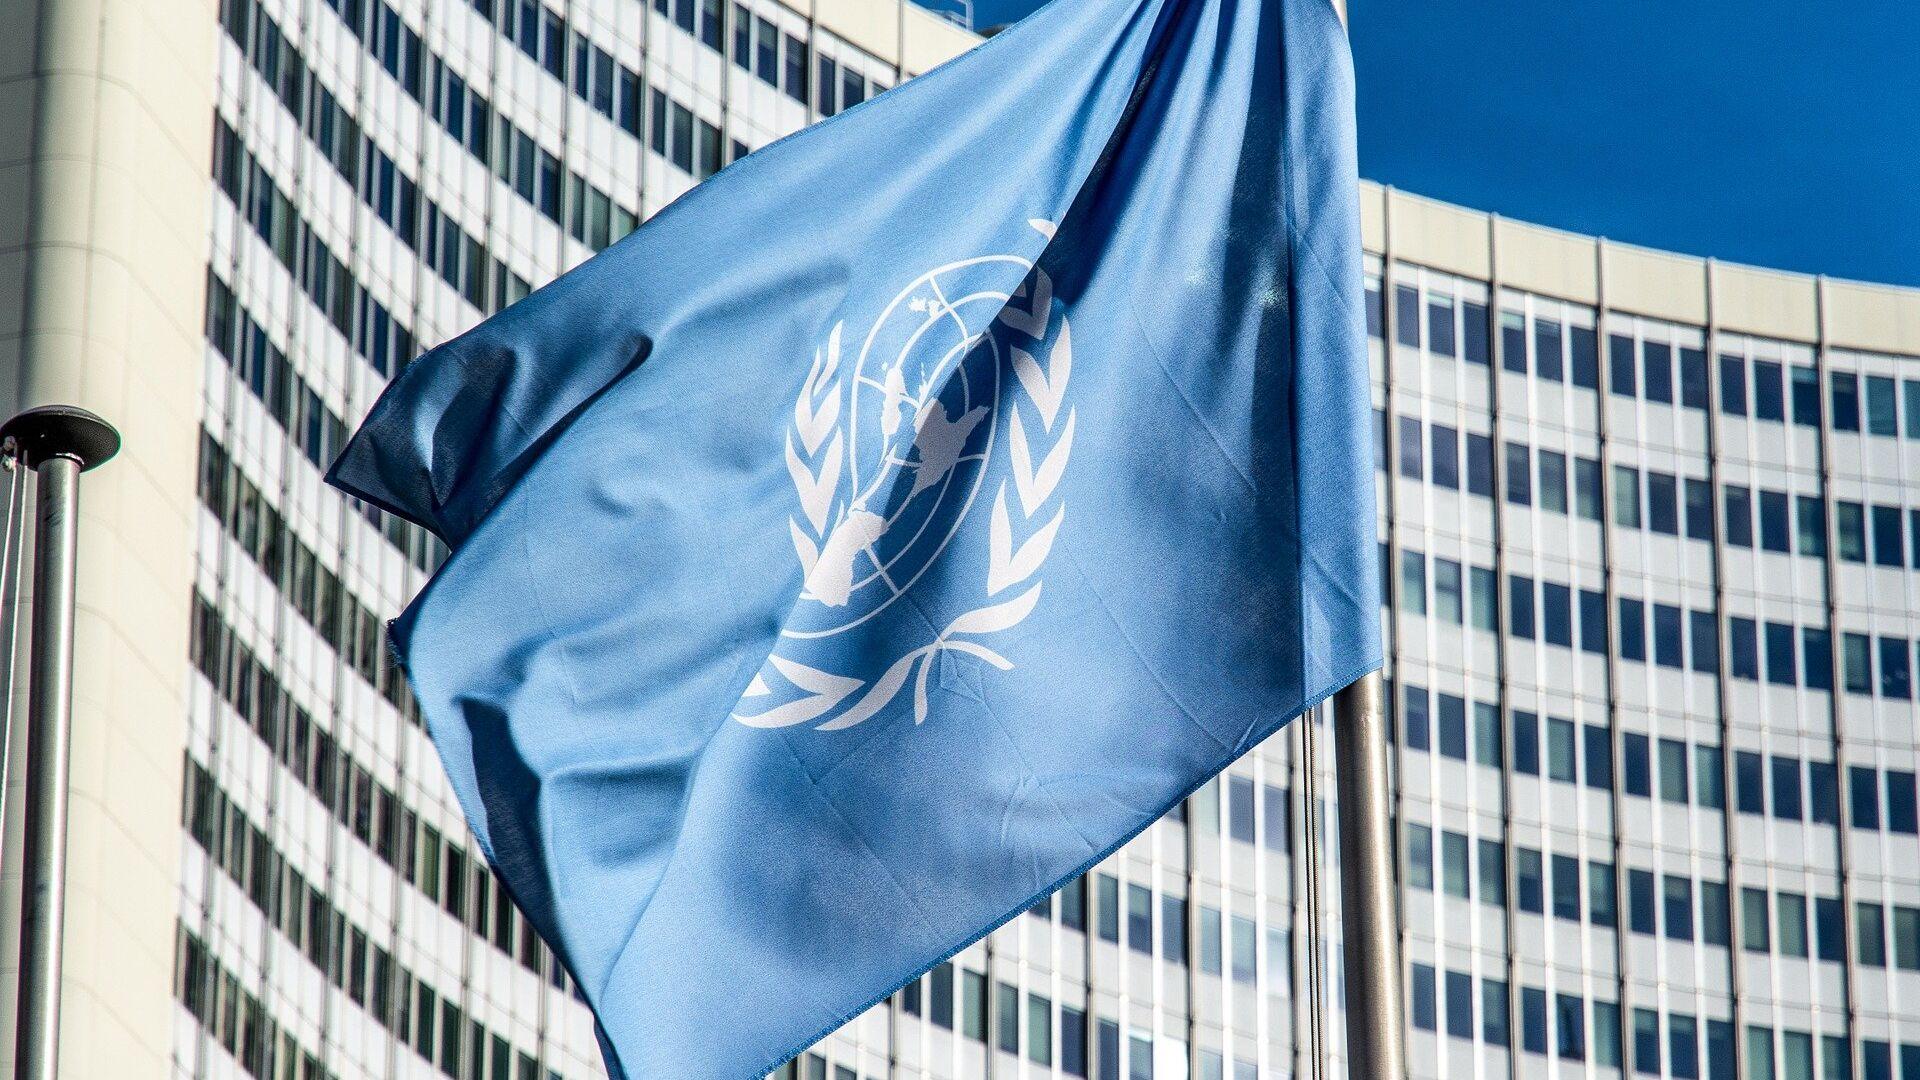 La bandera de la ONU - Sputnik Mundo, 1920, 04.03.2021